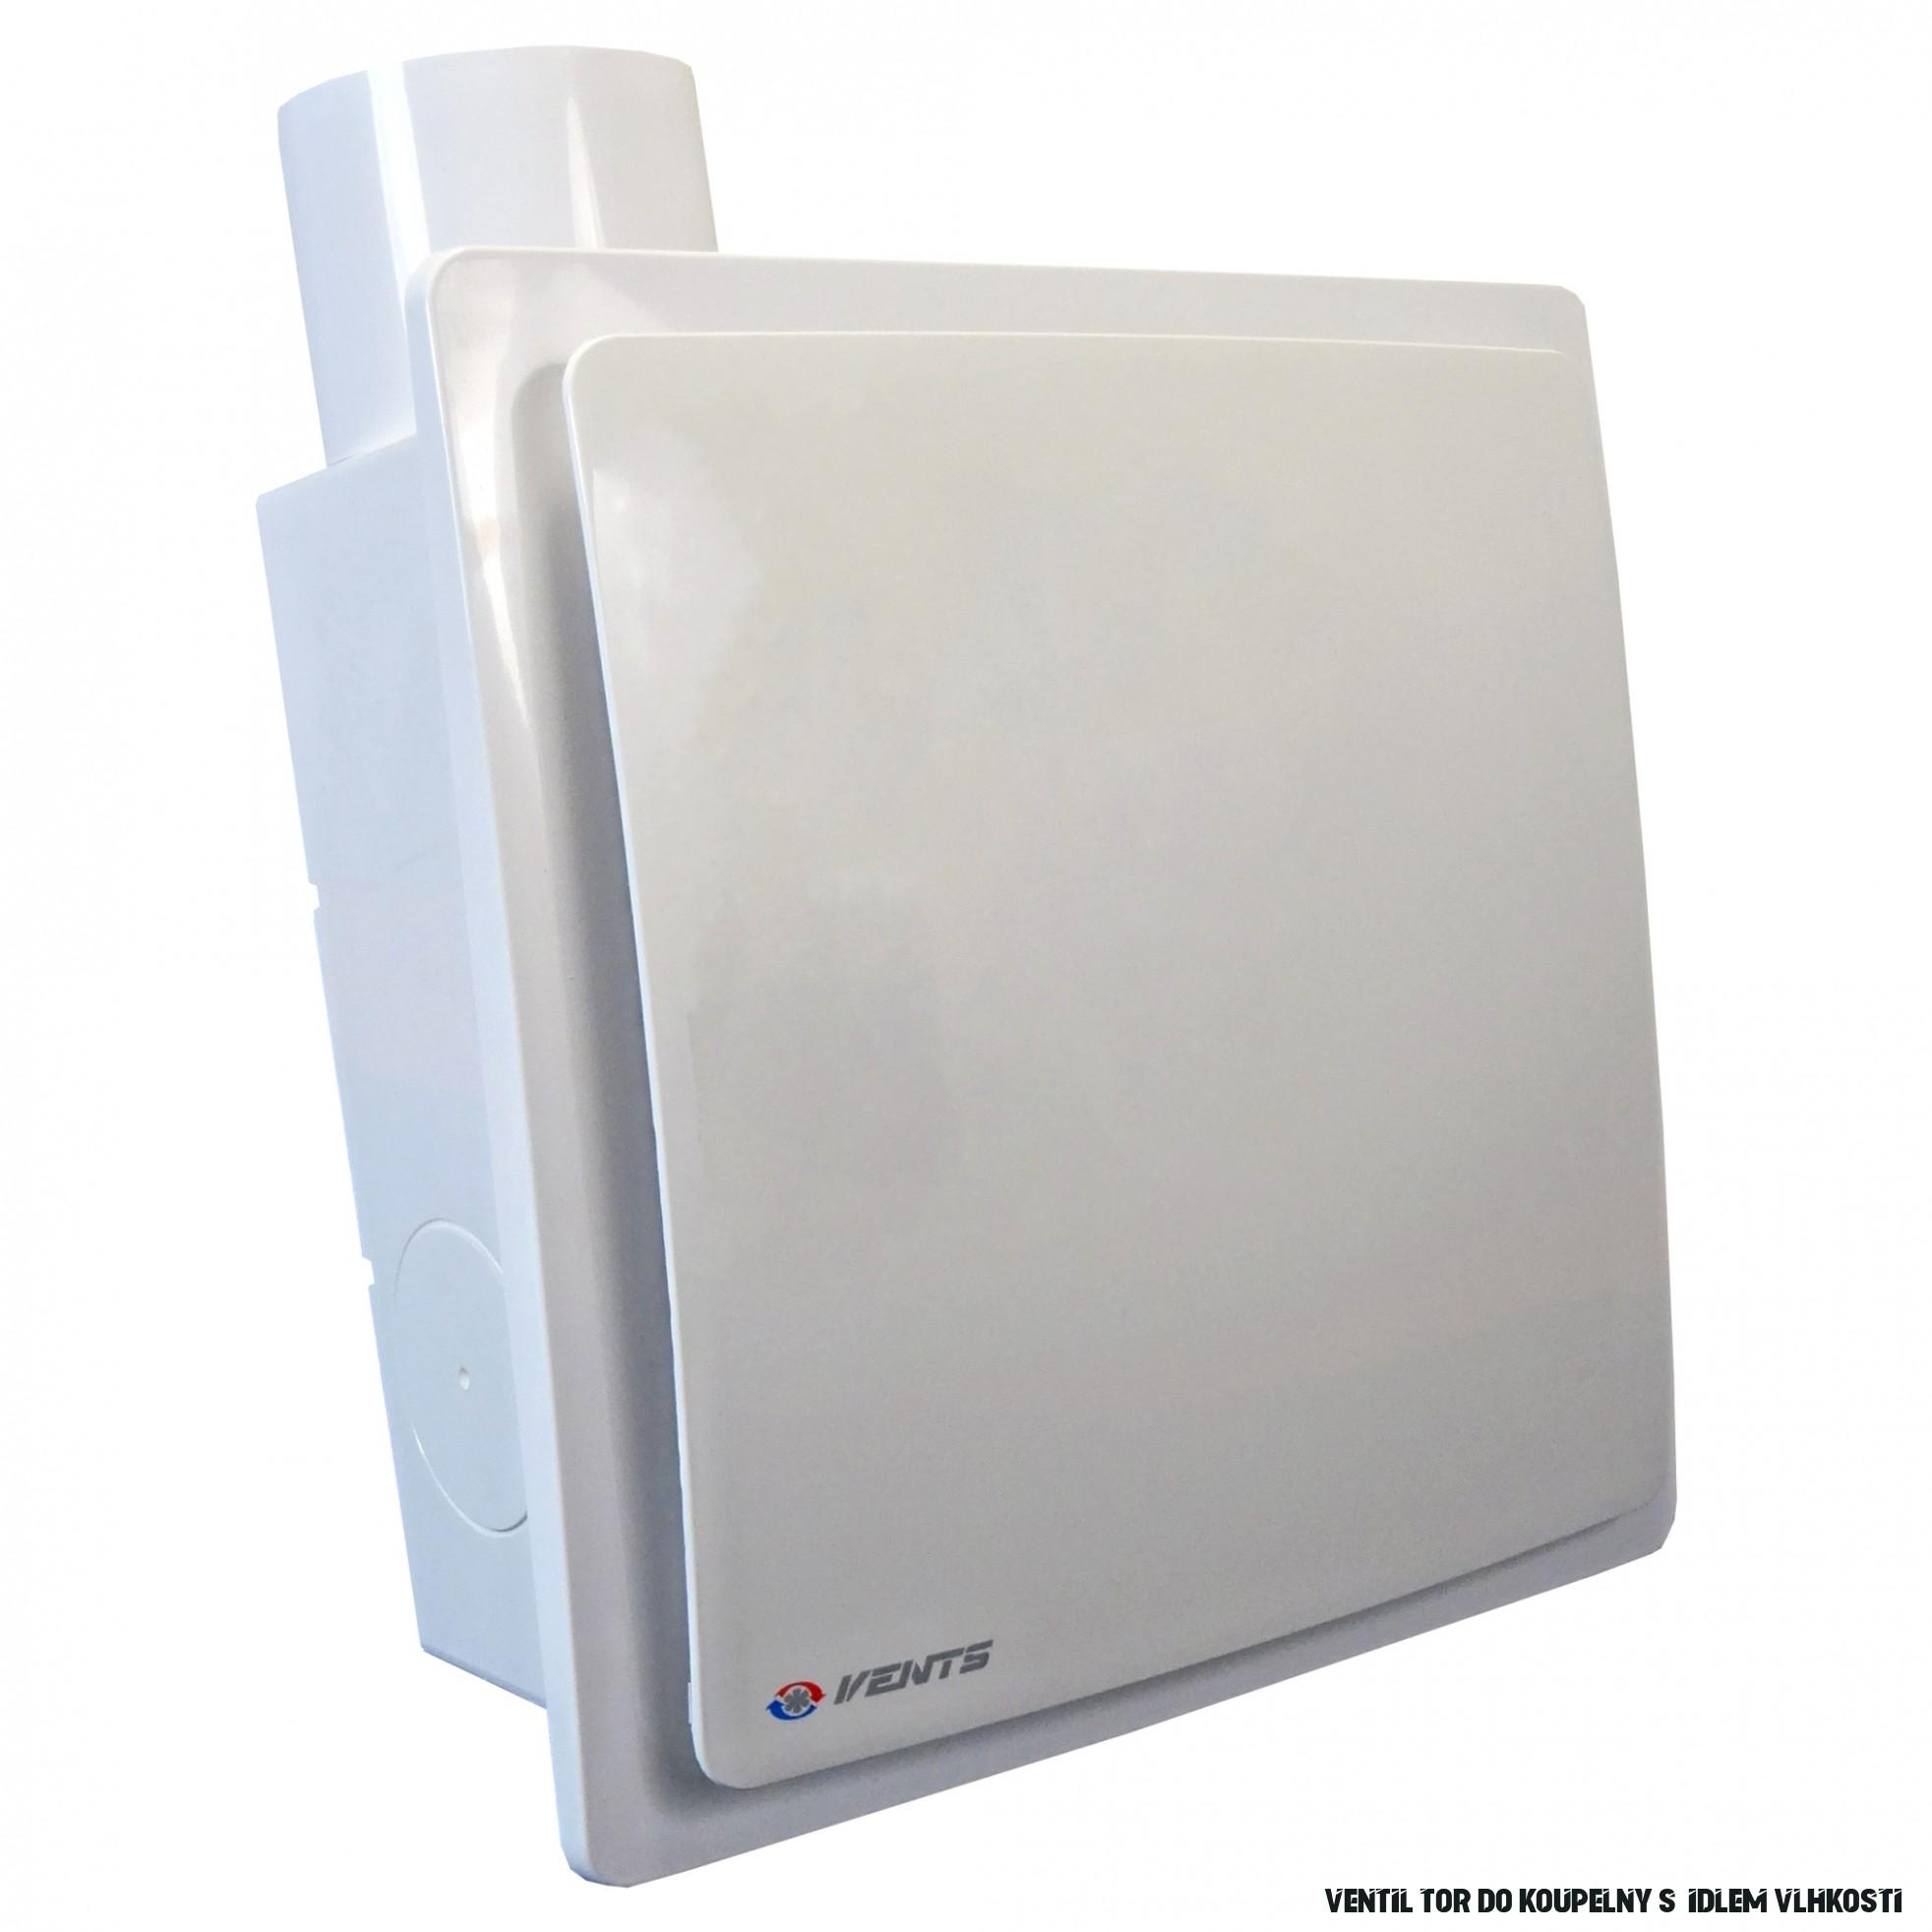 Ventilátor do koupelny se zpětnou klapkou, čidlem vlhkosti a vyšším tlakem  Ø 18 mm, vertikální